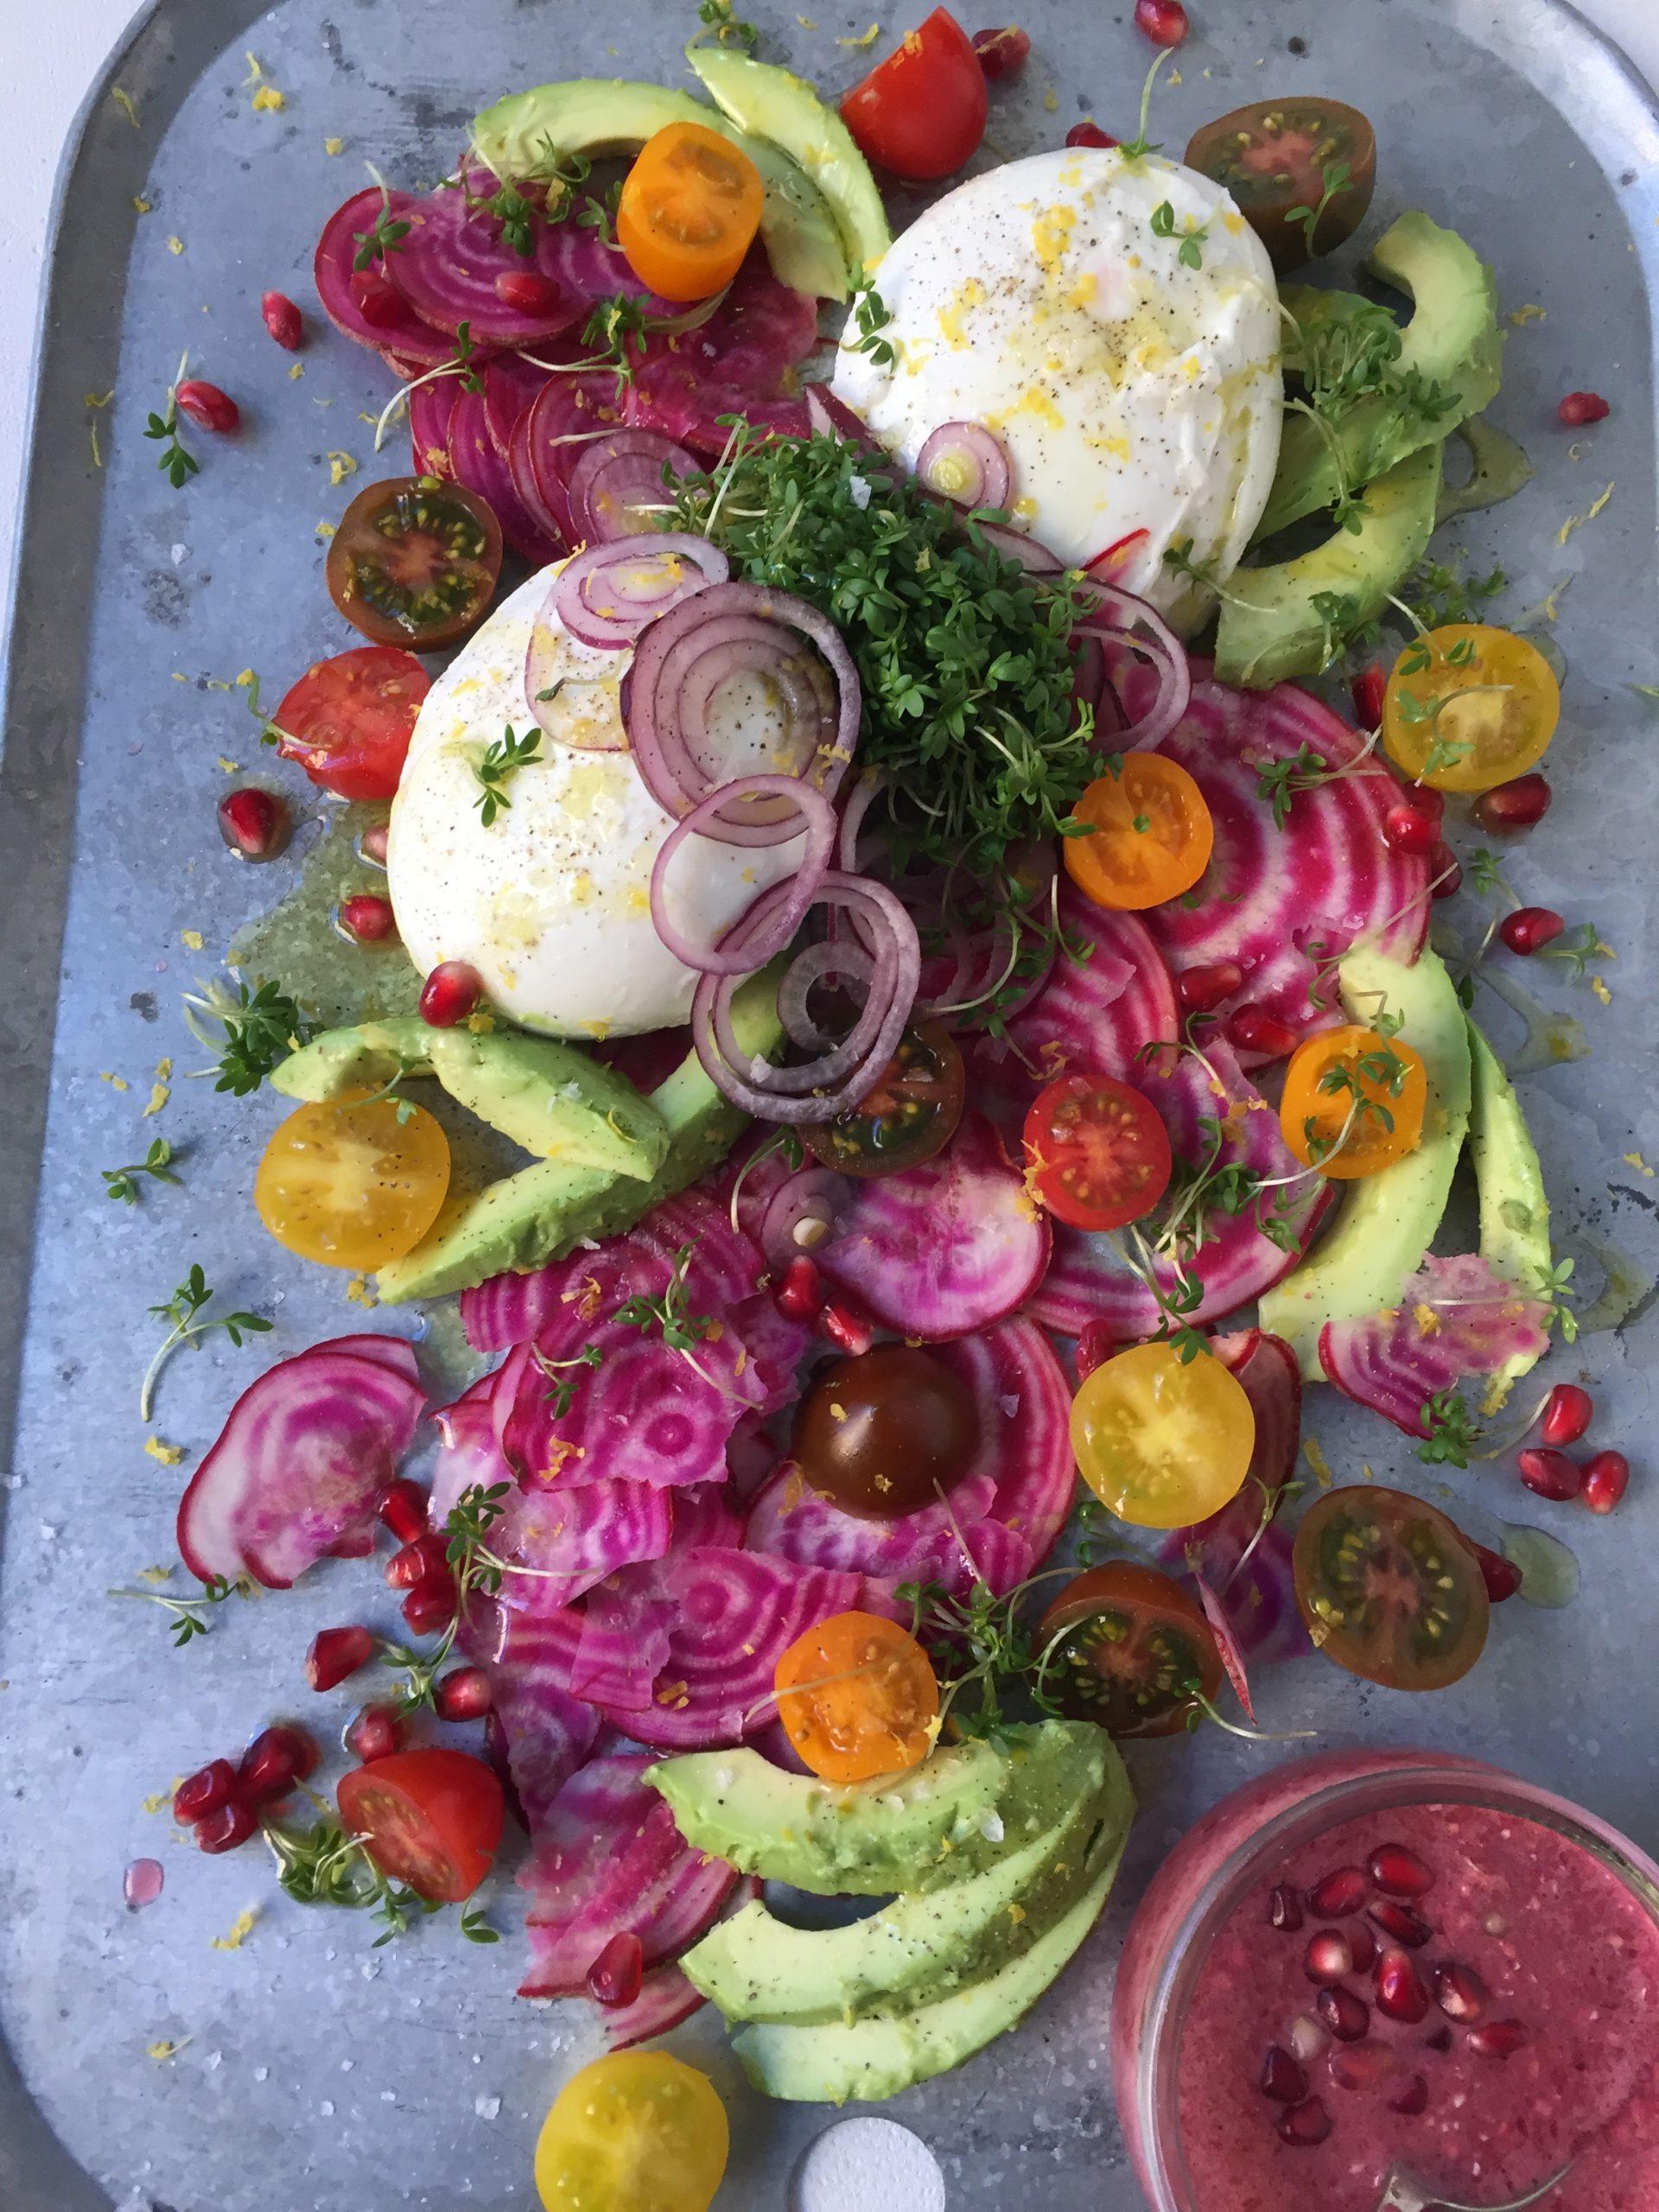 gå ner i vikt med vegetarisk mat